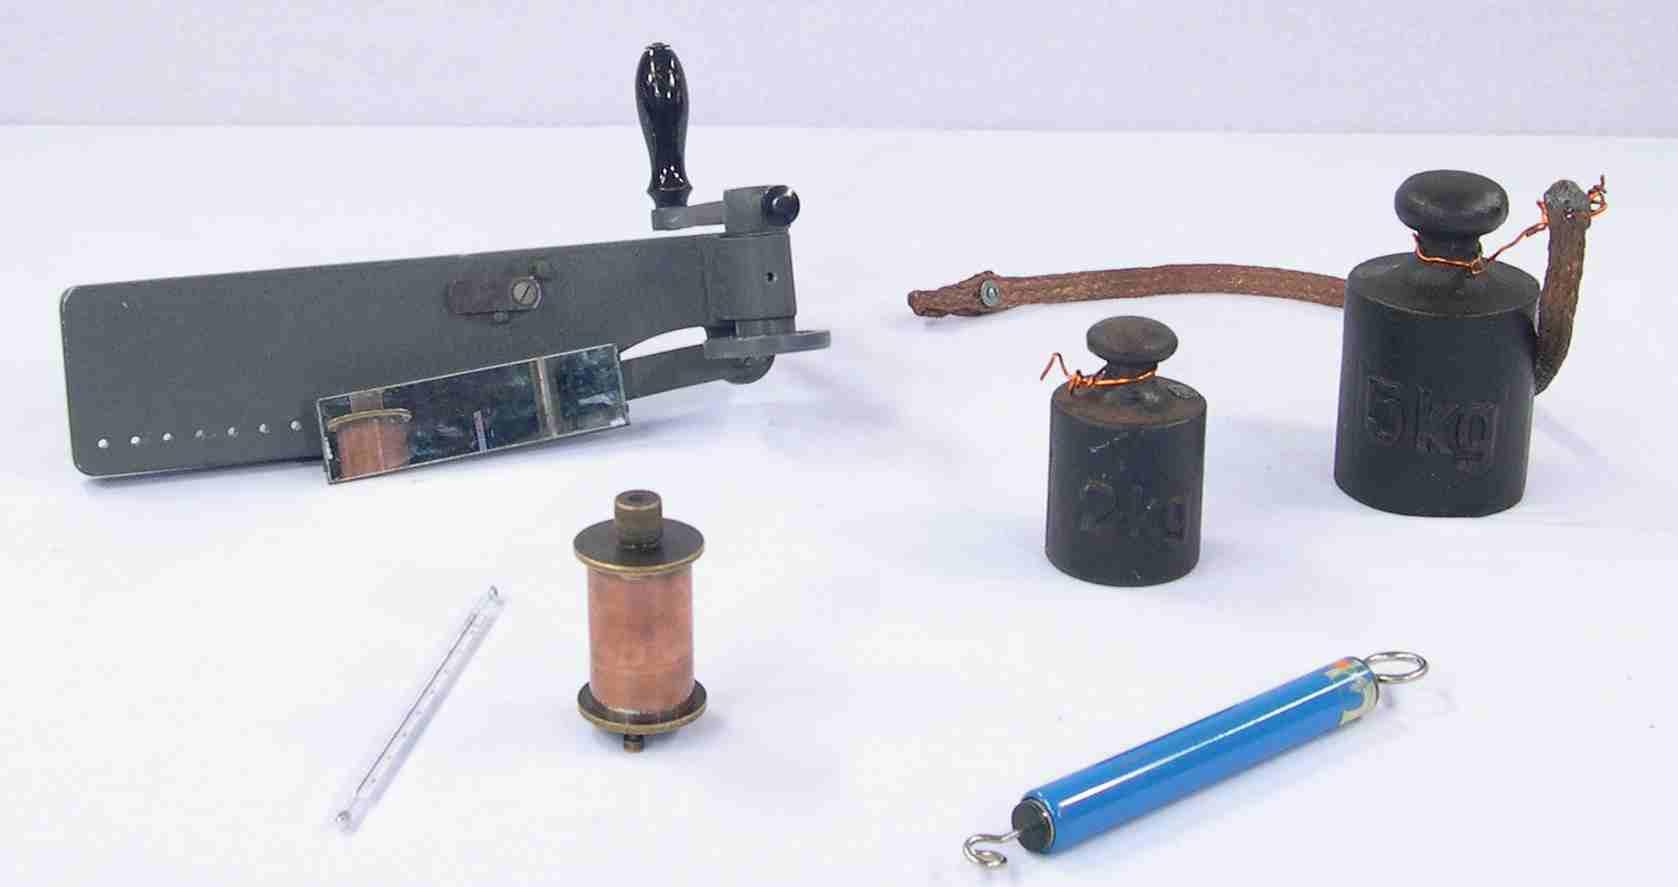 verrichten von mechanische arbeit